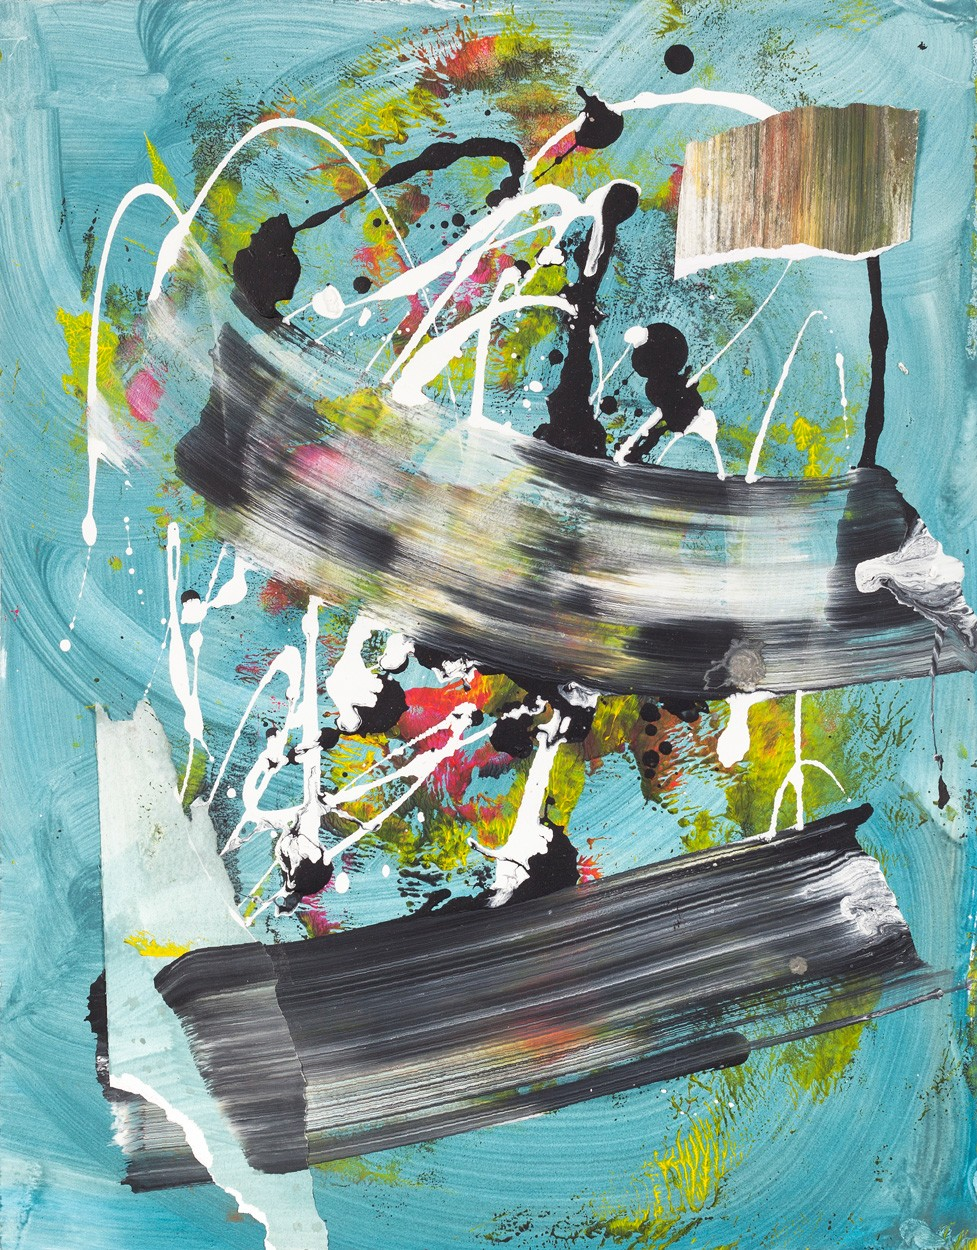 Malerei Zwischenräume_6.2 | Künstler Malwin Faber